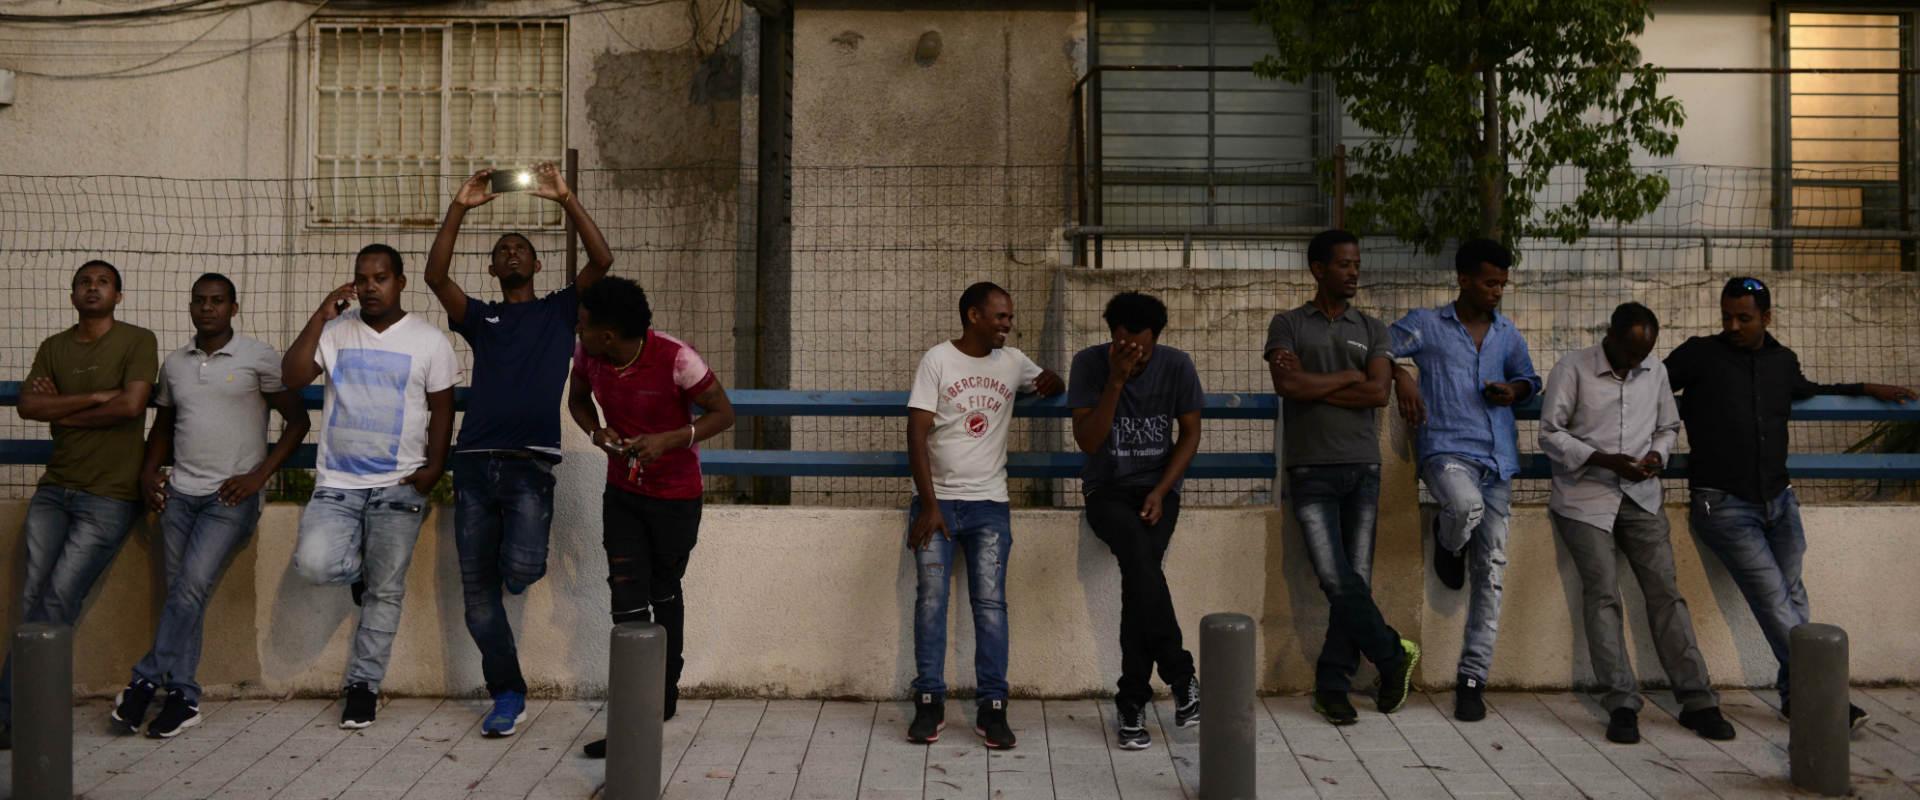 מבקשי מקלט בדרום תל אביב